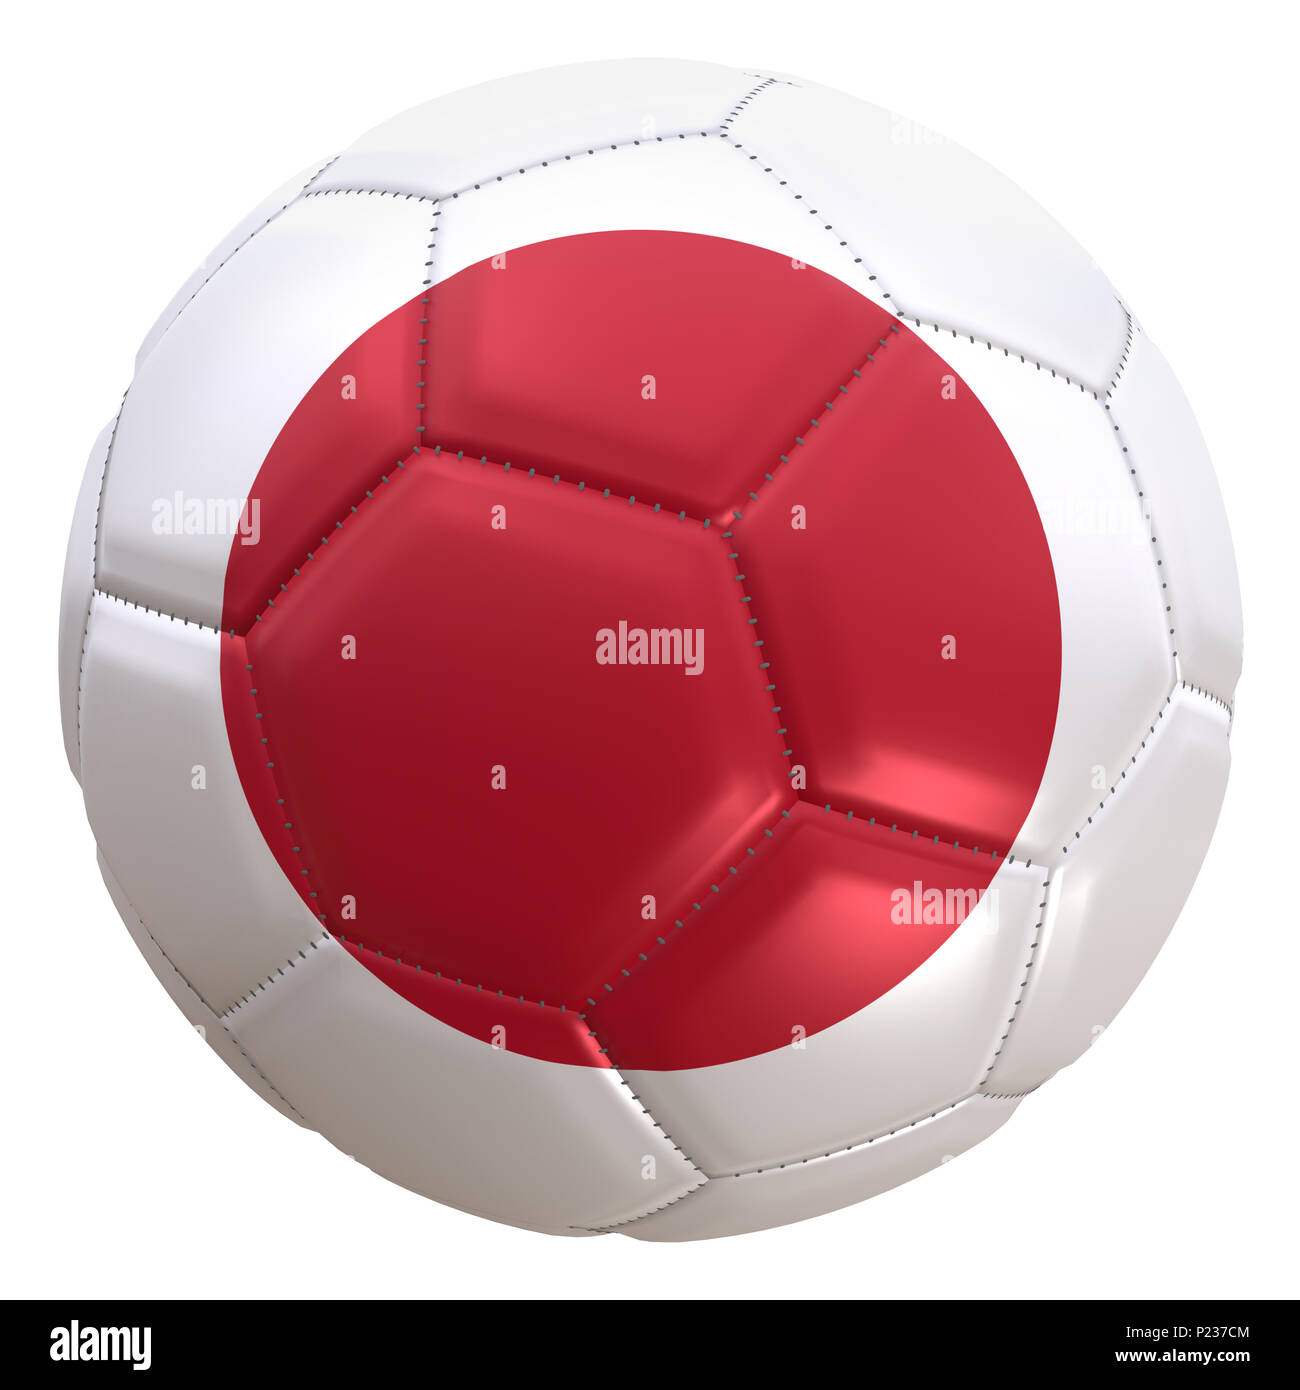 Representación 3D de una bandera japonesa en un balón de fútbol. Japón es  uno de 27ad409662575